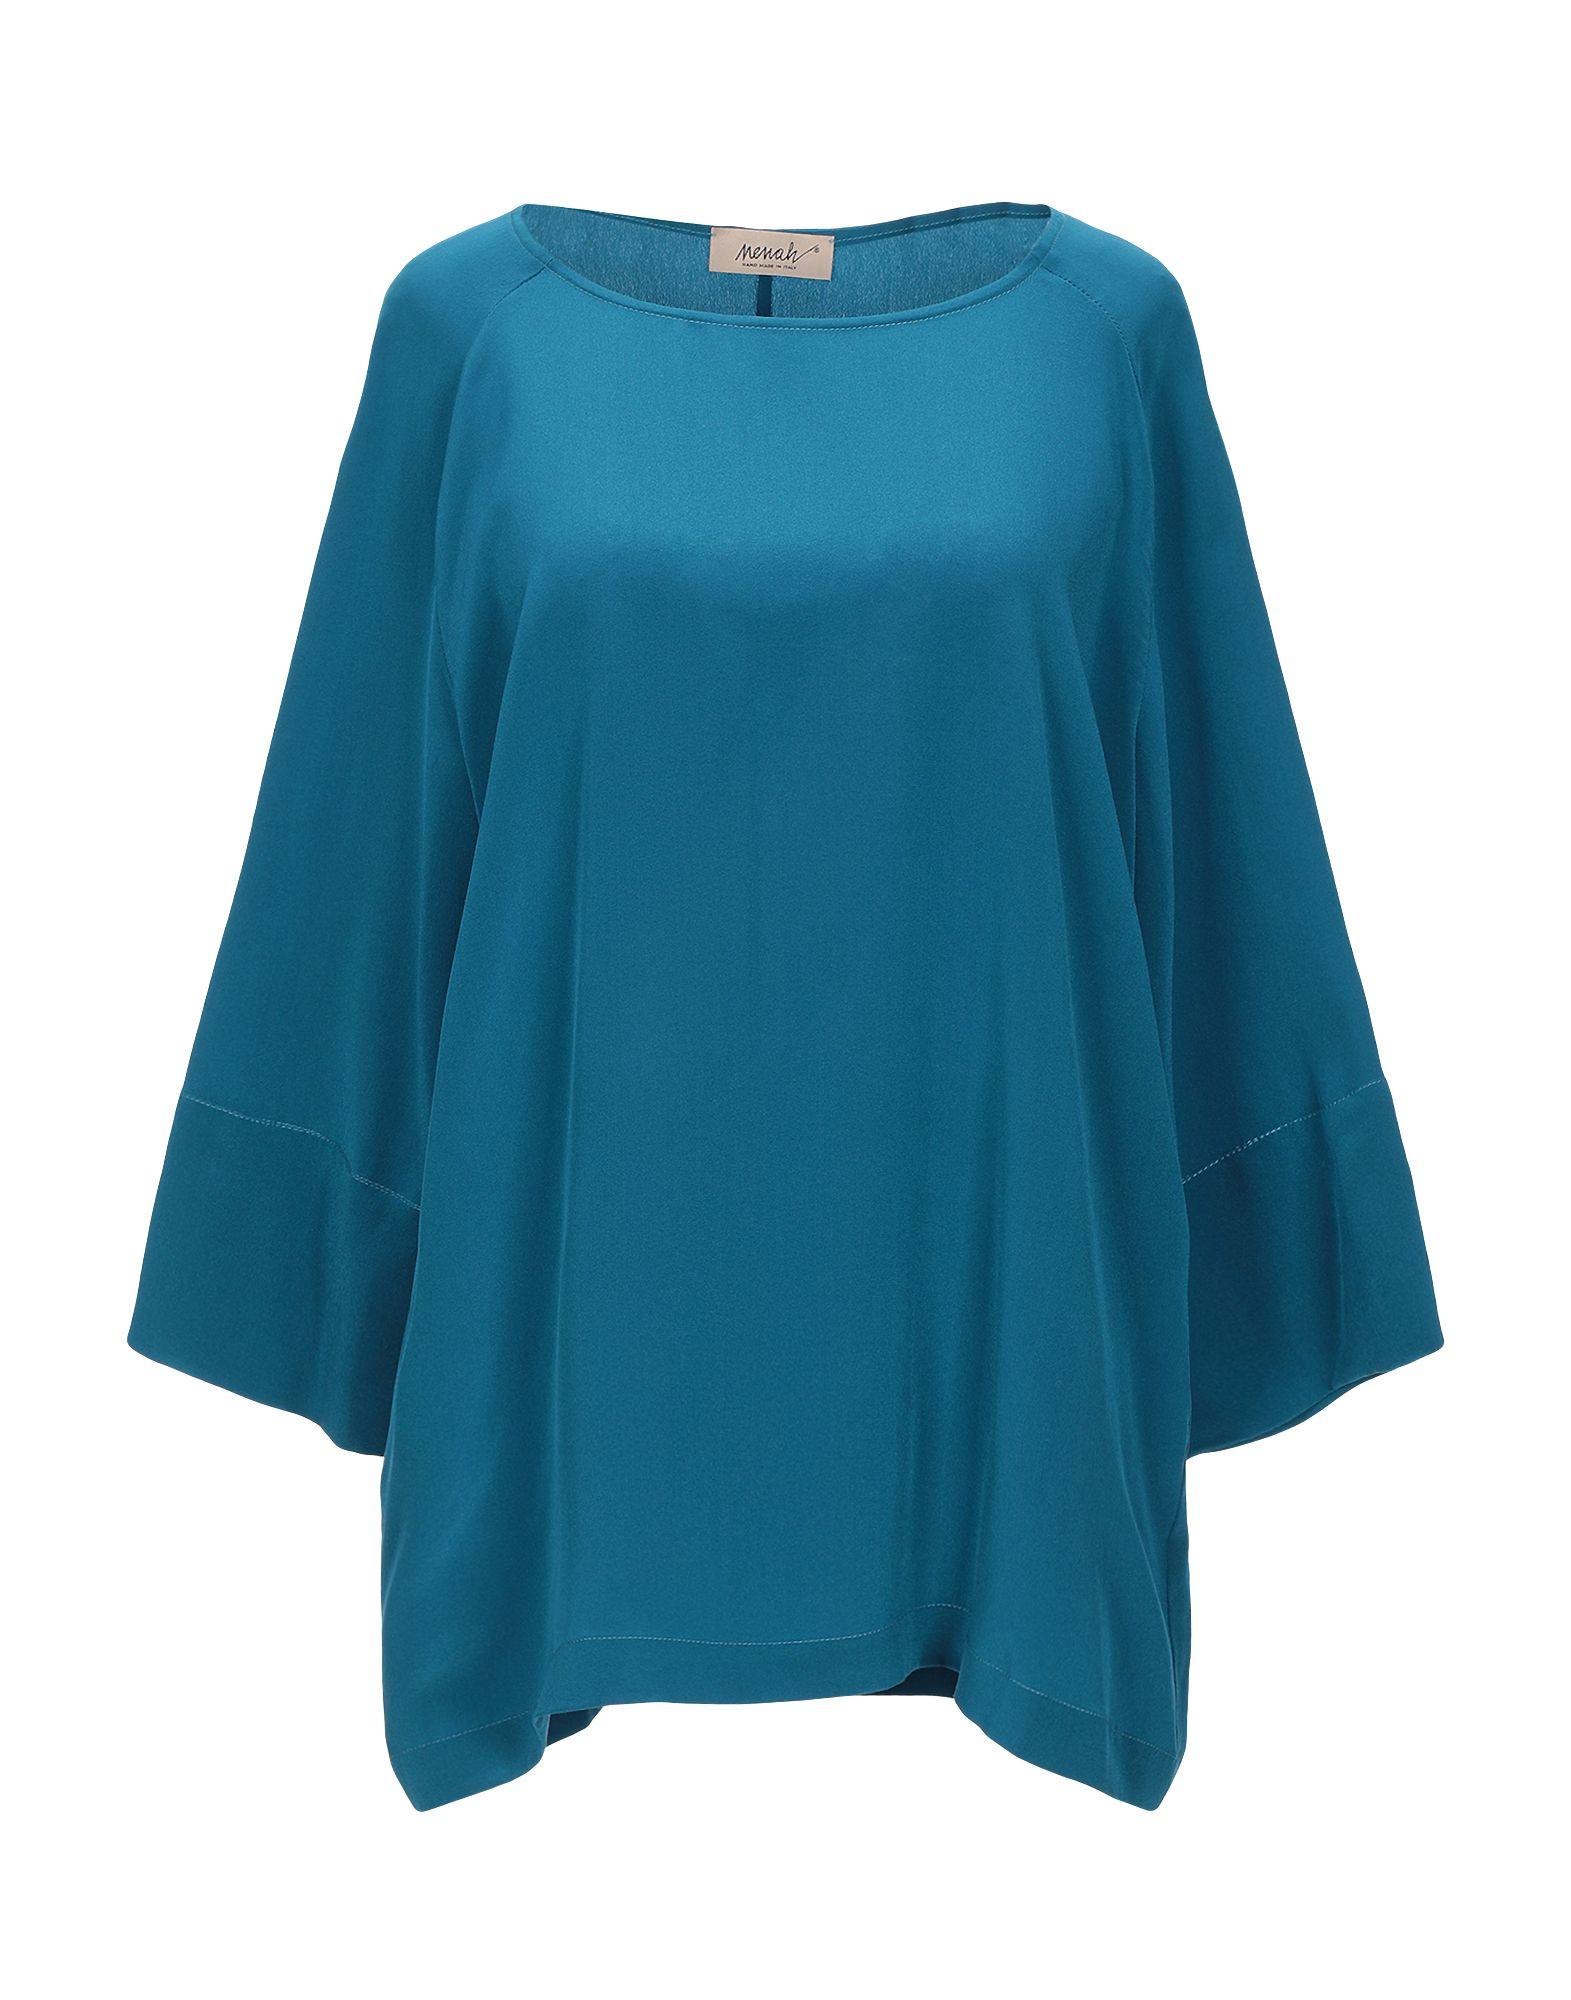 blusa Nenah® donna - 38837366AO 38837366AO  erstklassiger Service